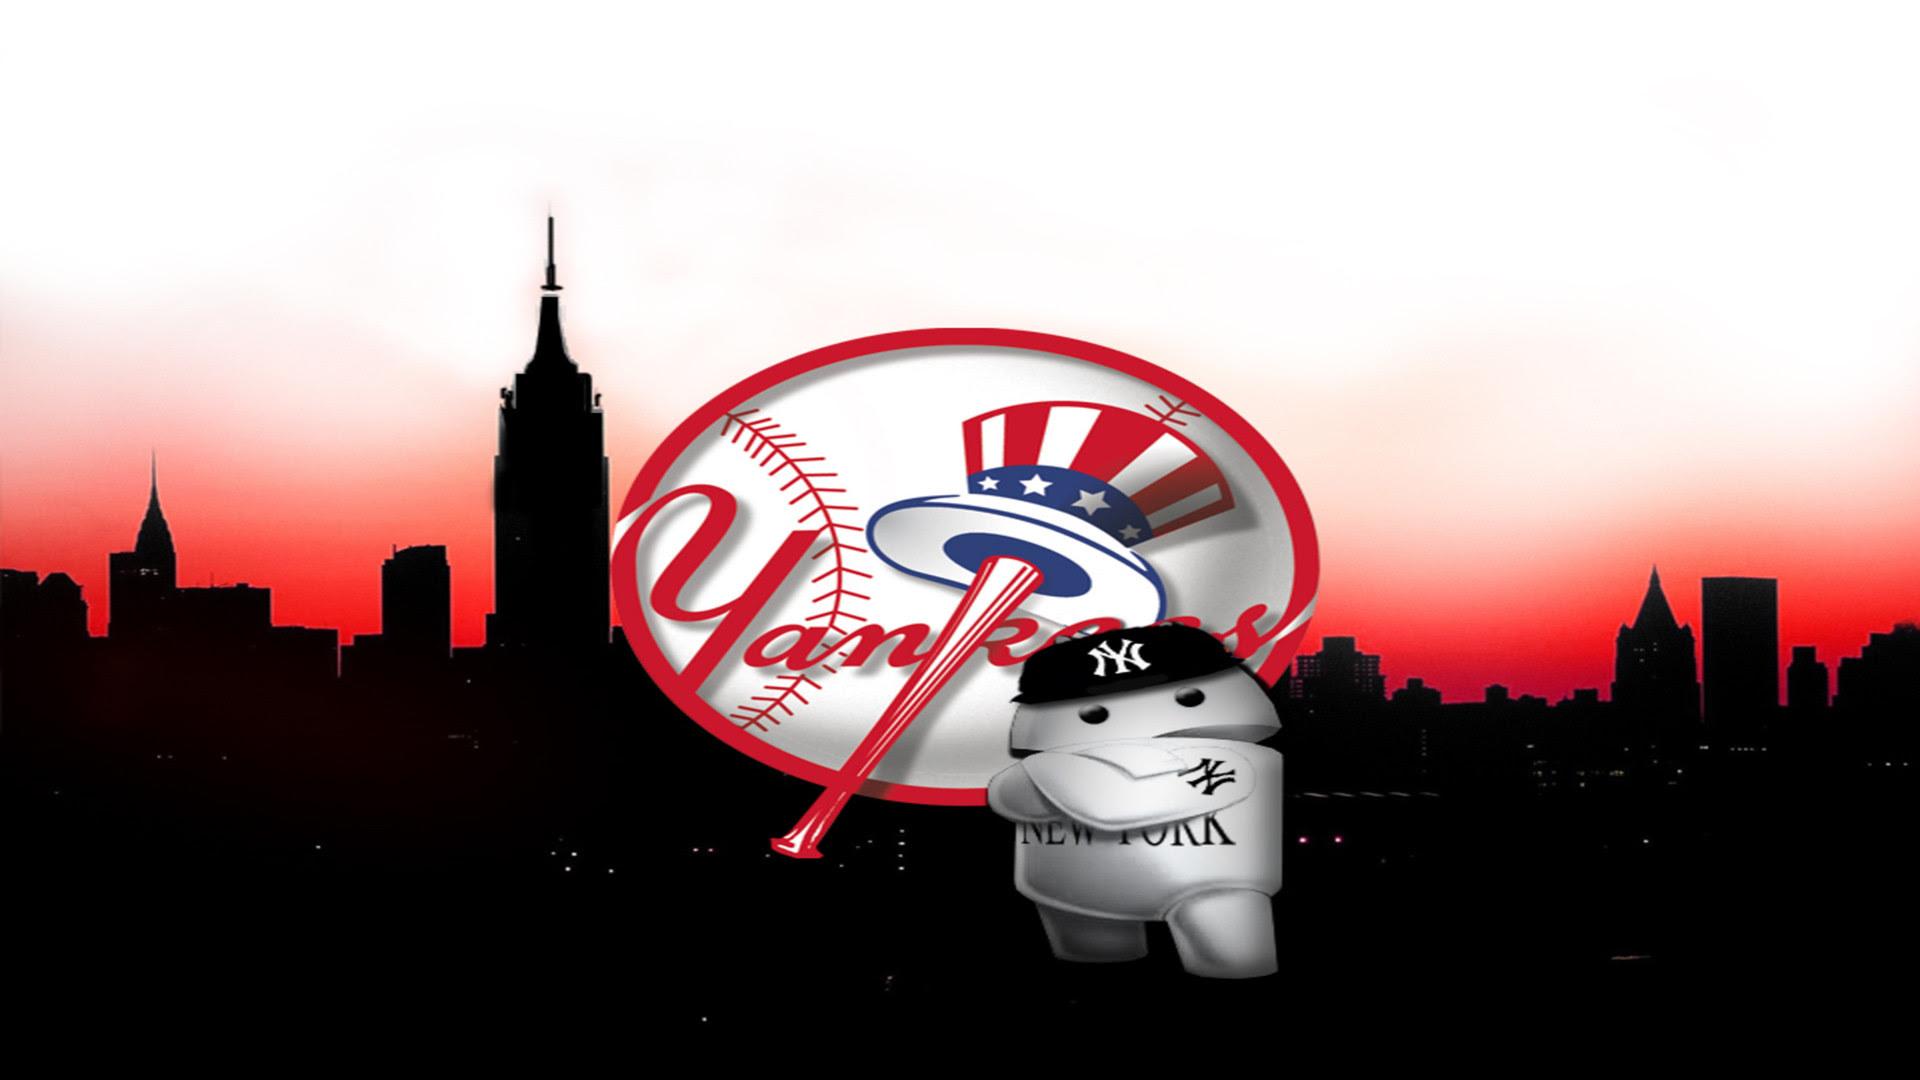 New York Yankees iPhone Wallpaper (67+ images)